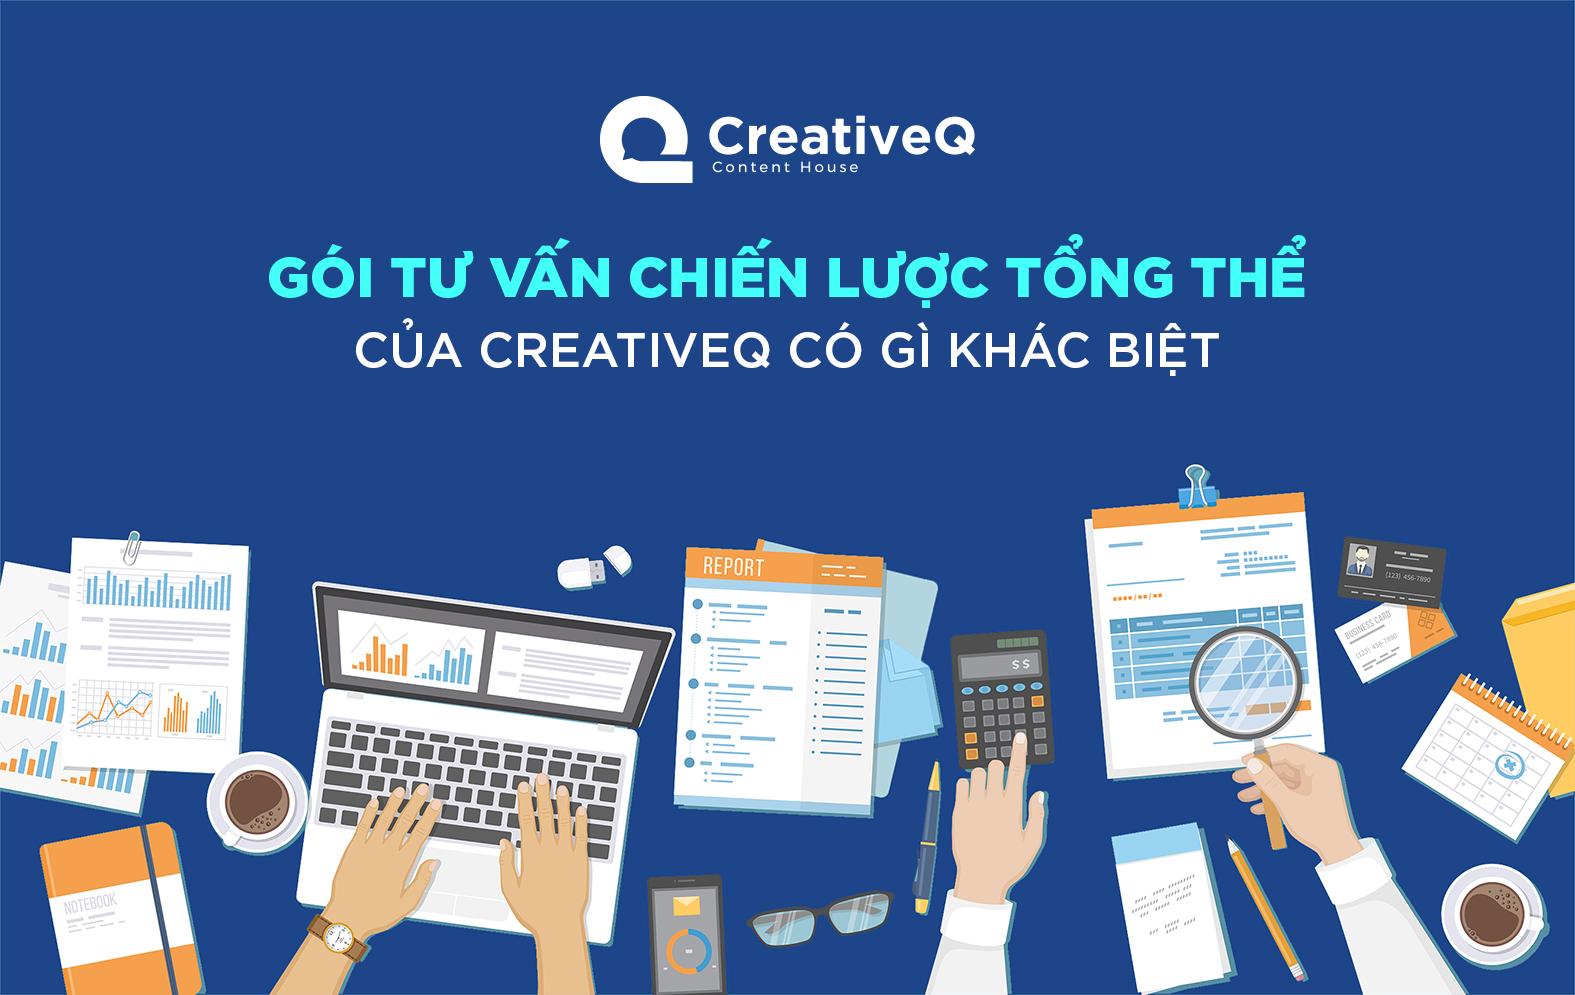 Vì sao doanh nghiệp nên sử dụng gói tư vấn chiến lược tổng thể và nội dung của CreativeQ